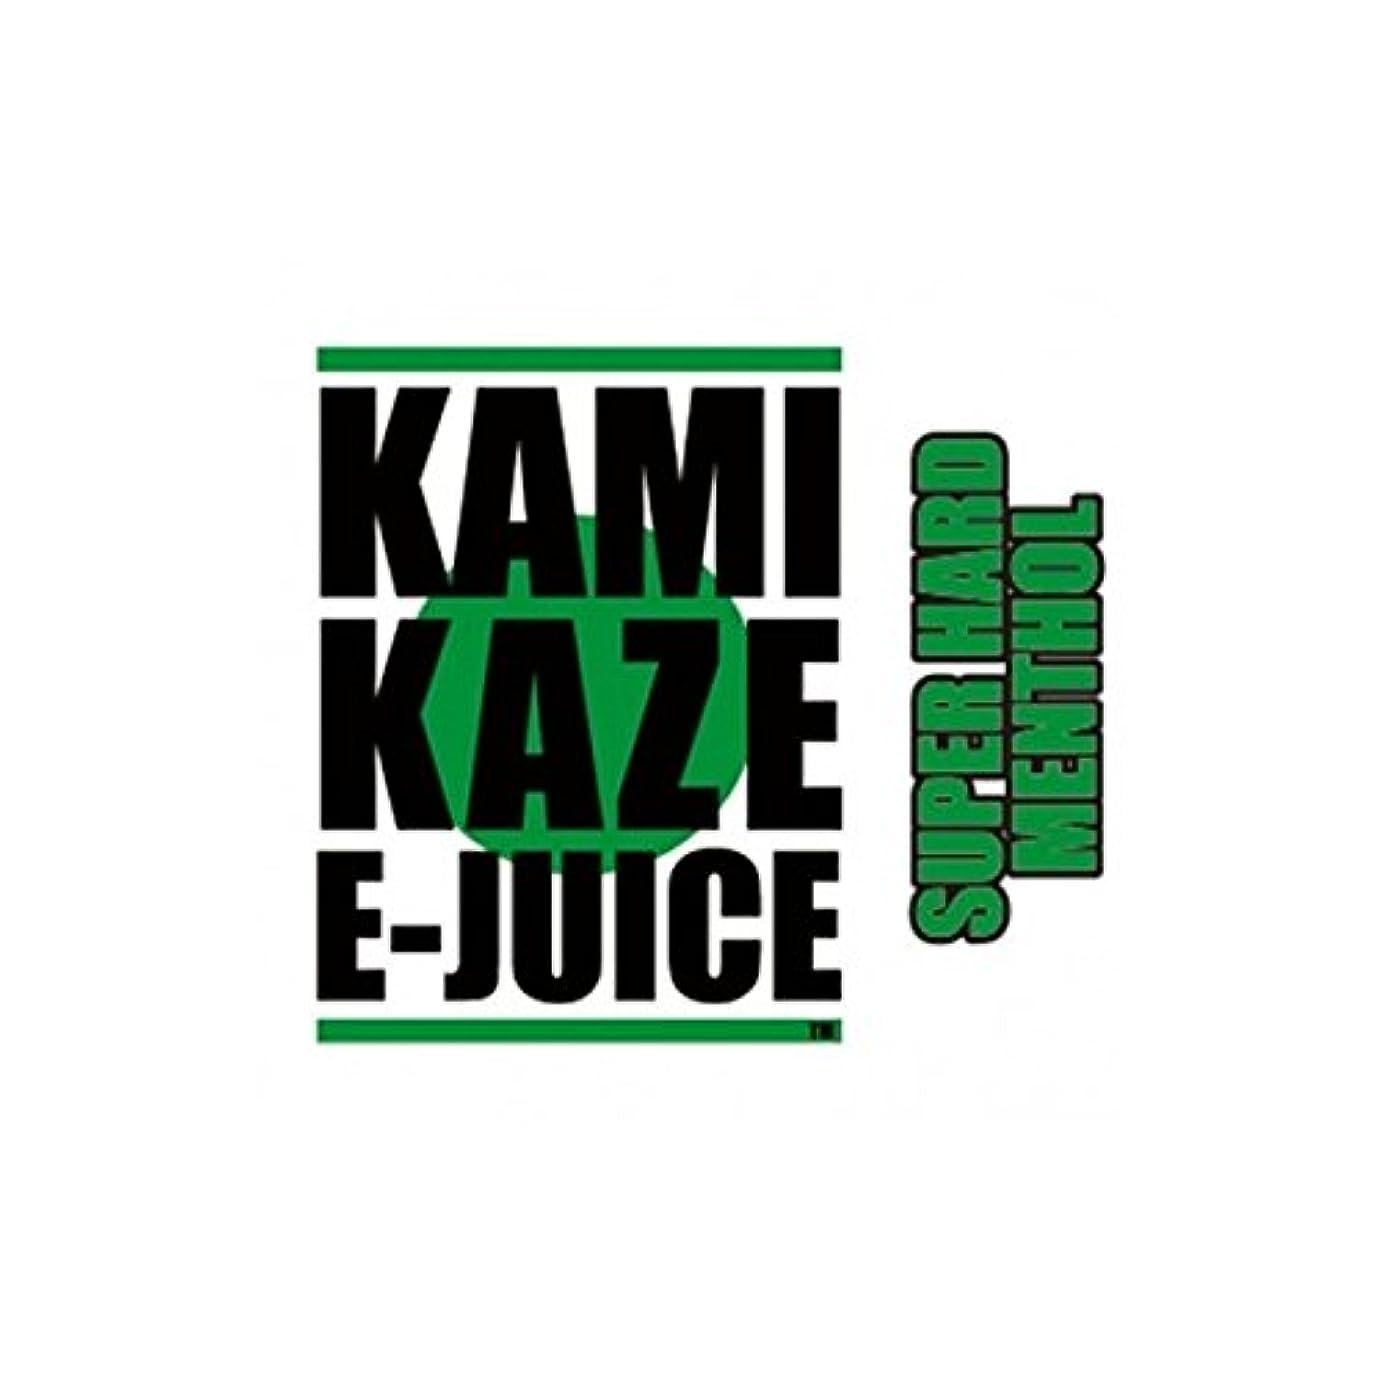 提供された廃棄後方にKAMIKAZE E-JUICE カミカゼ スーパーハードメンソール SUPER HARD MENTHOL 電子タバコ 日本製国産 リキッド 15ml 2本